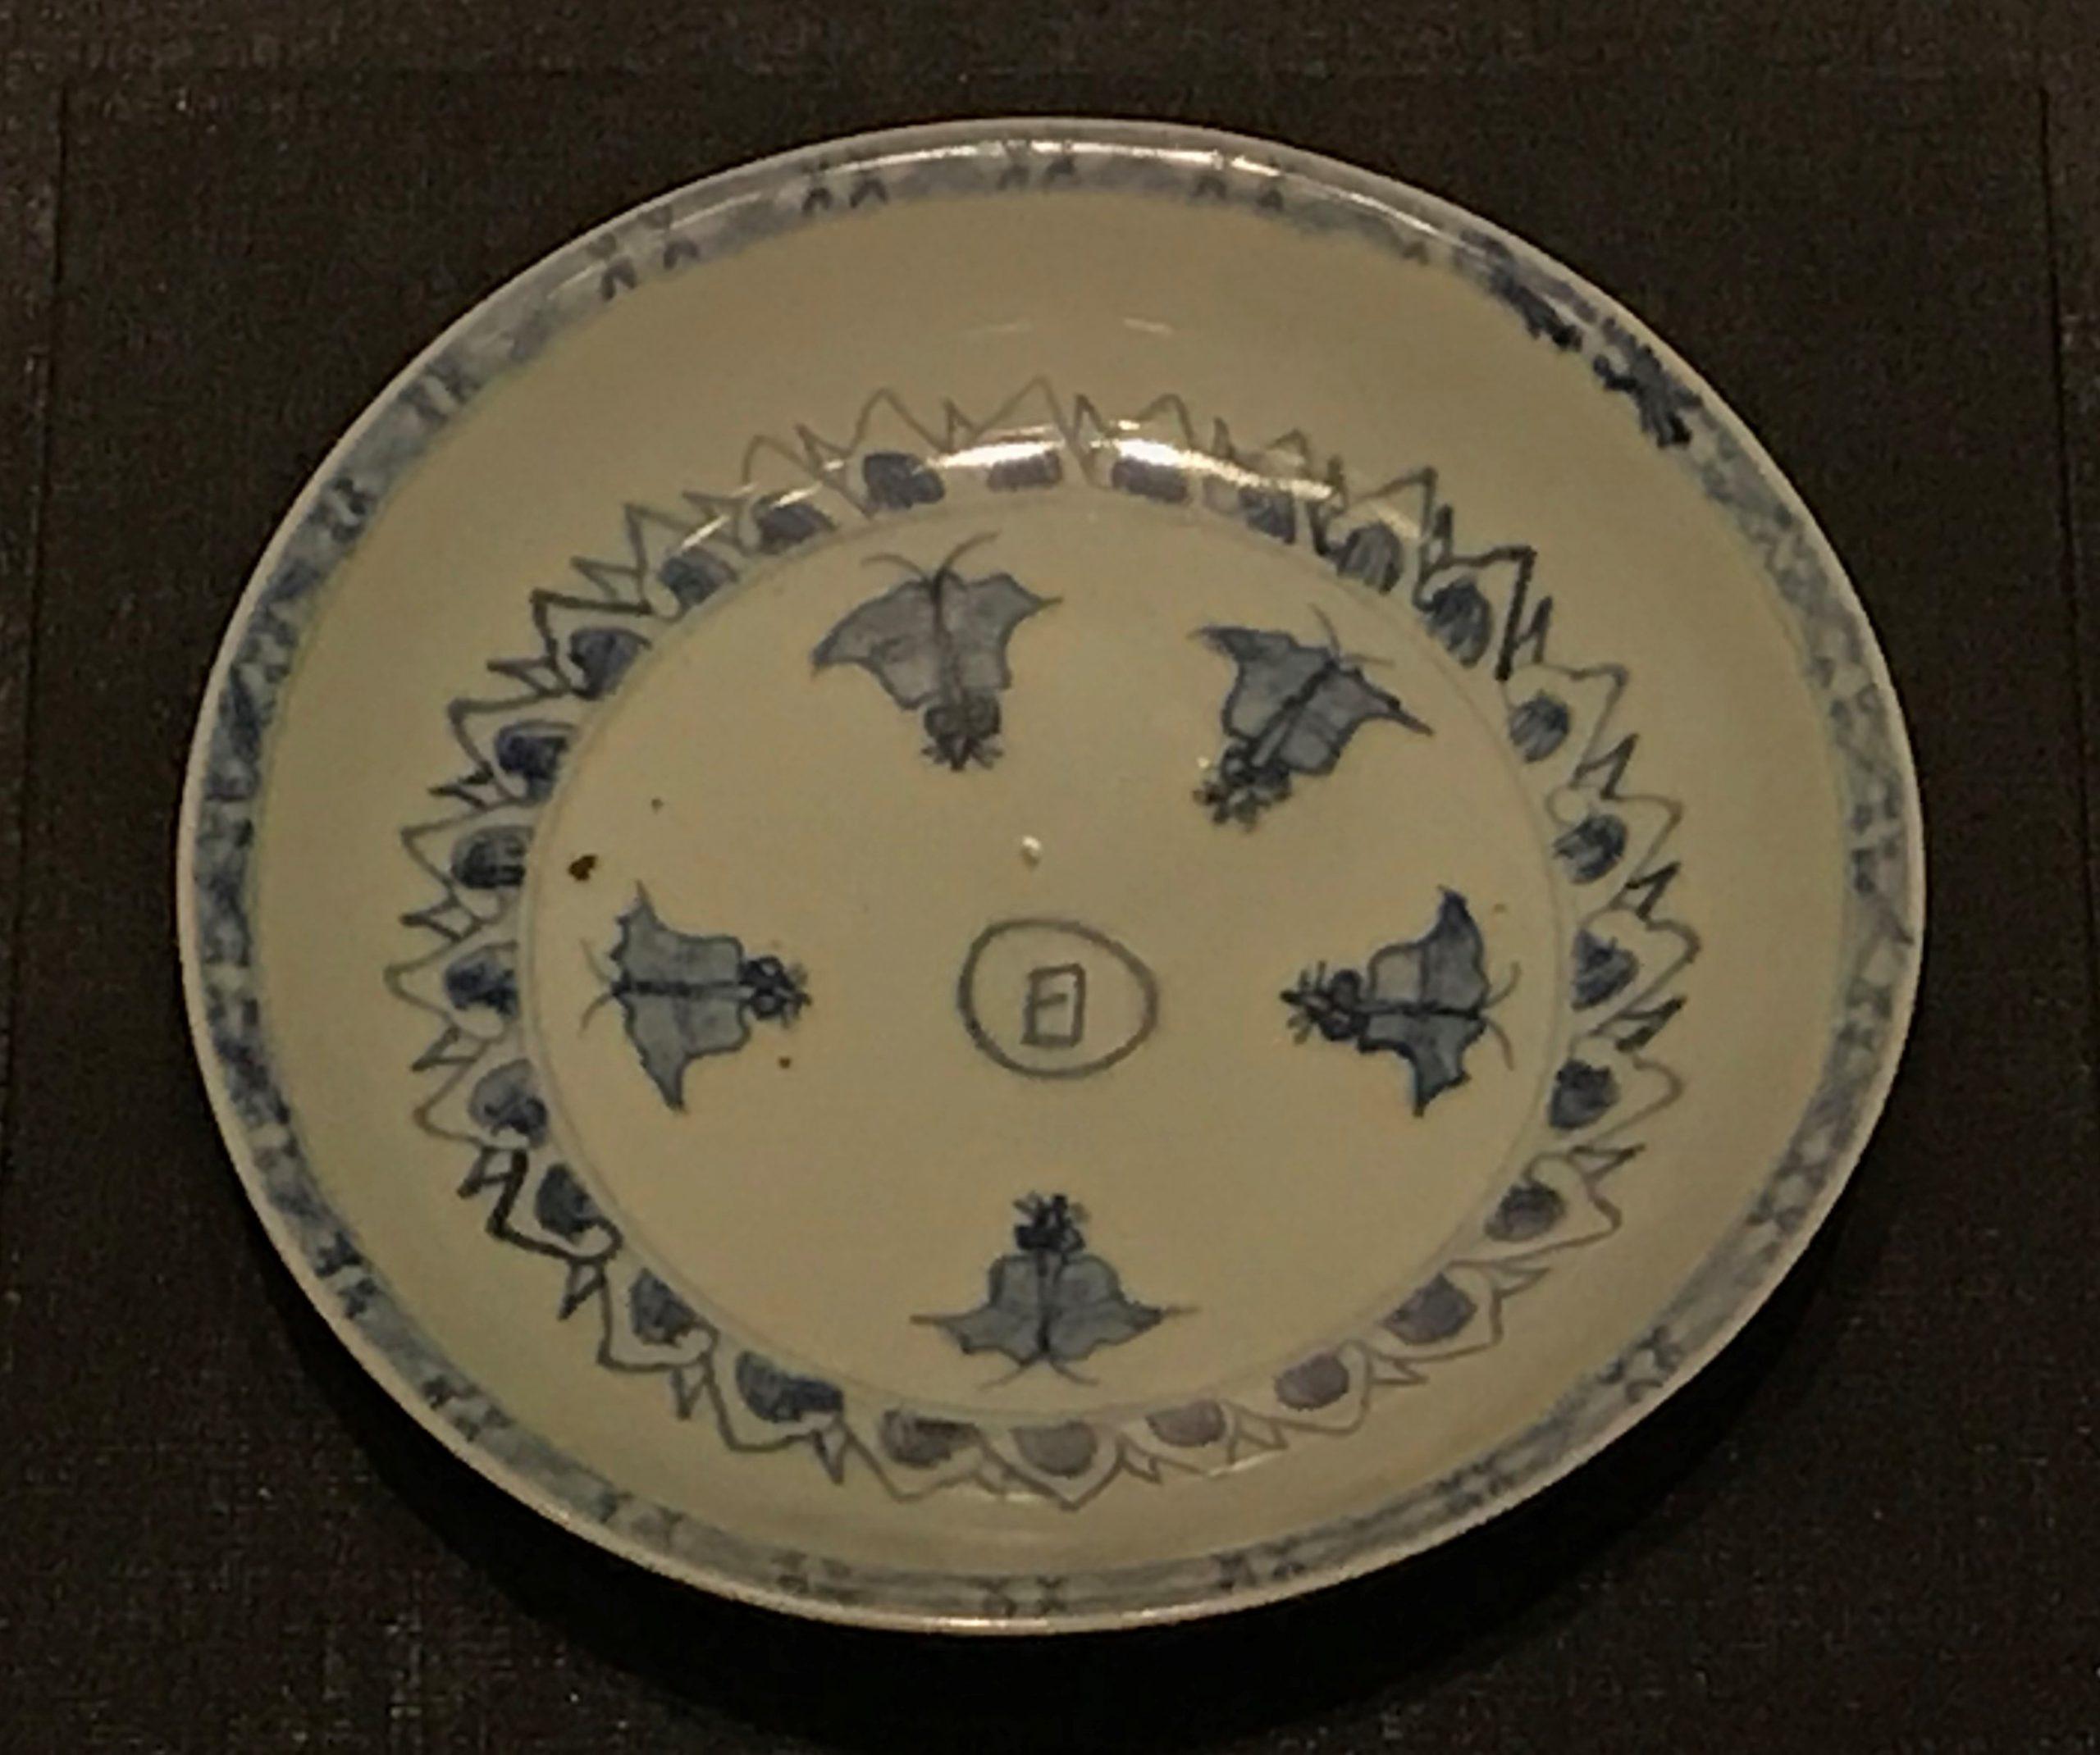 青花日字紋磁盤1-明清時代-常設展F3-成都博物館